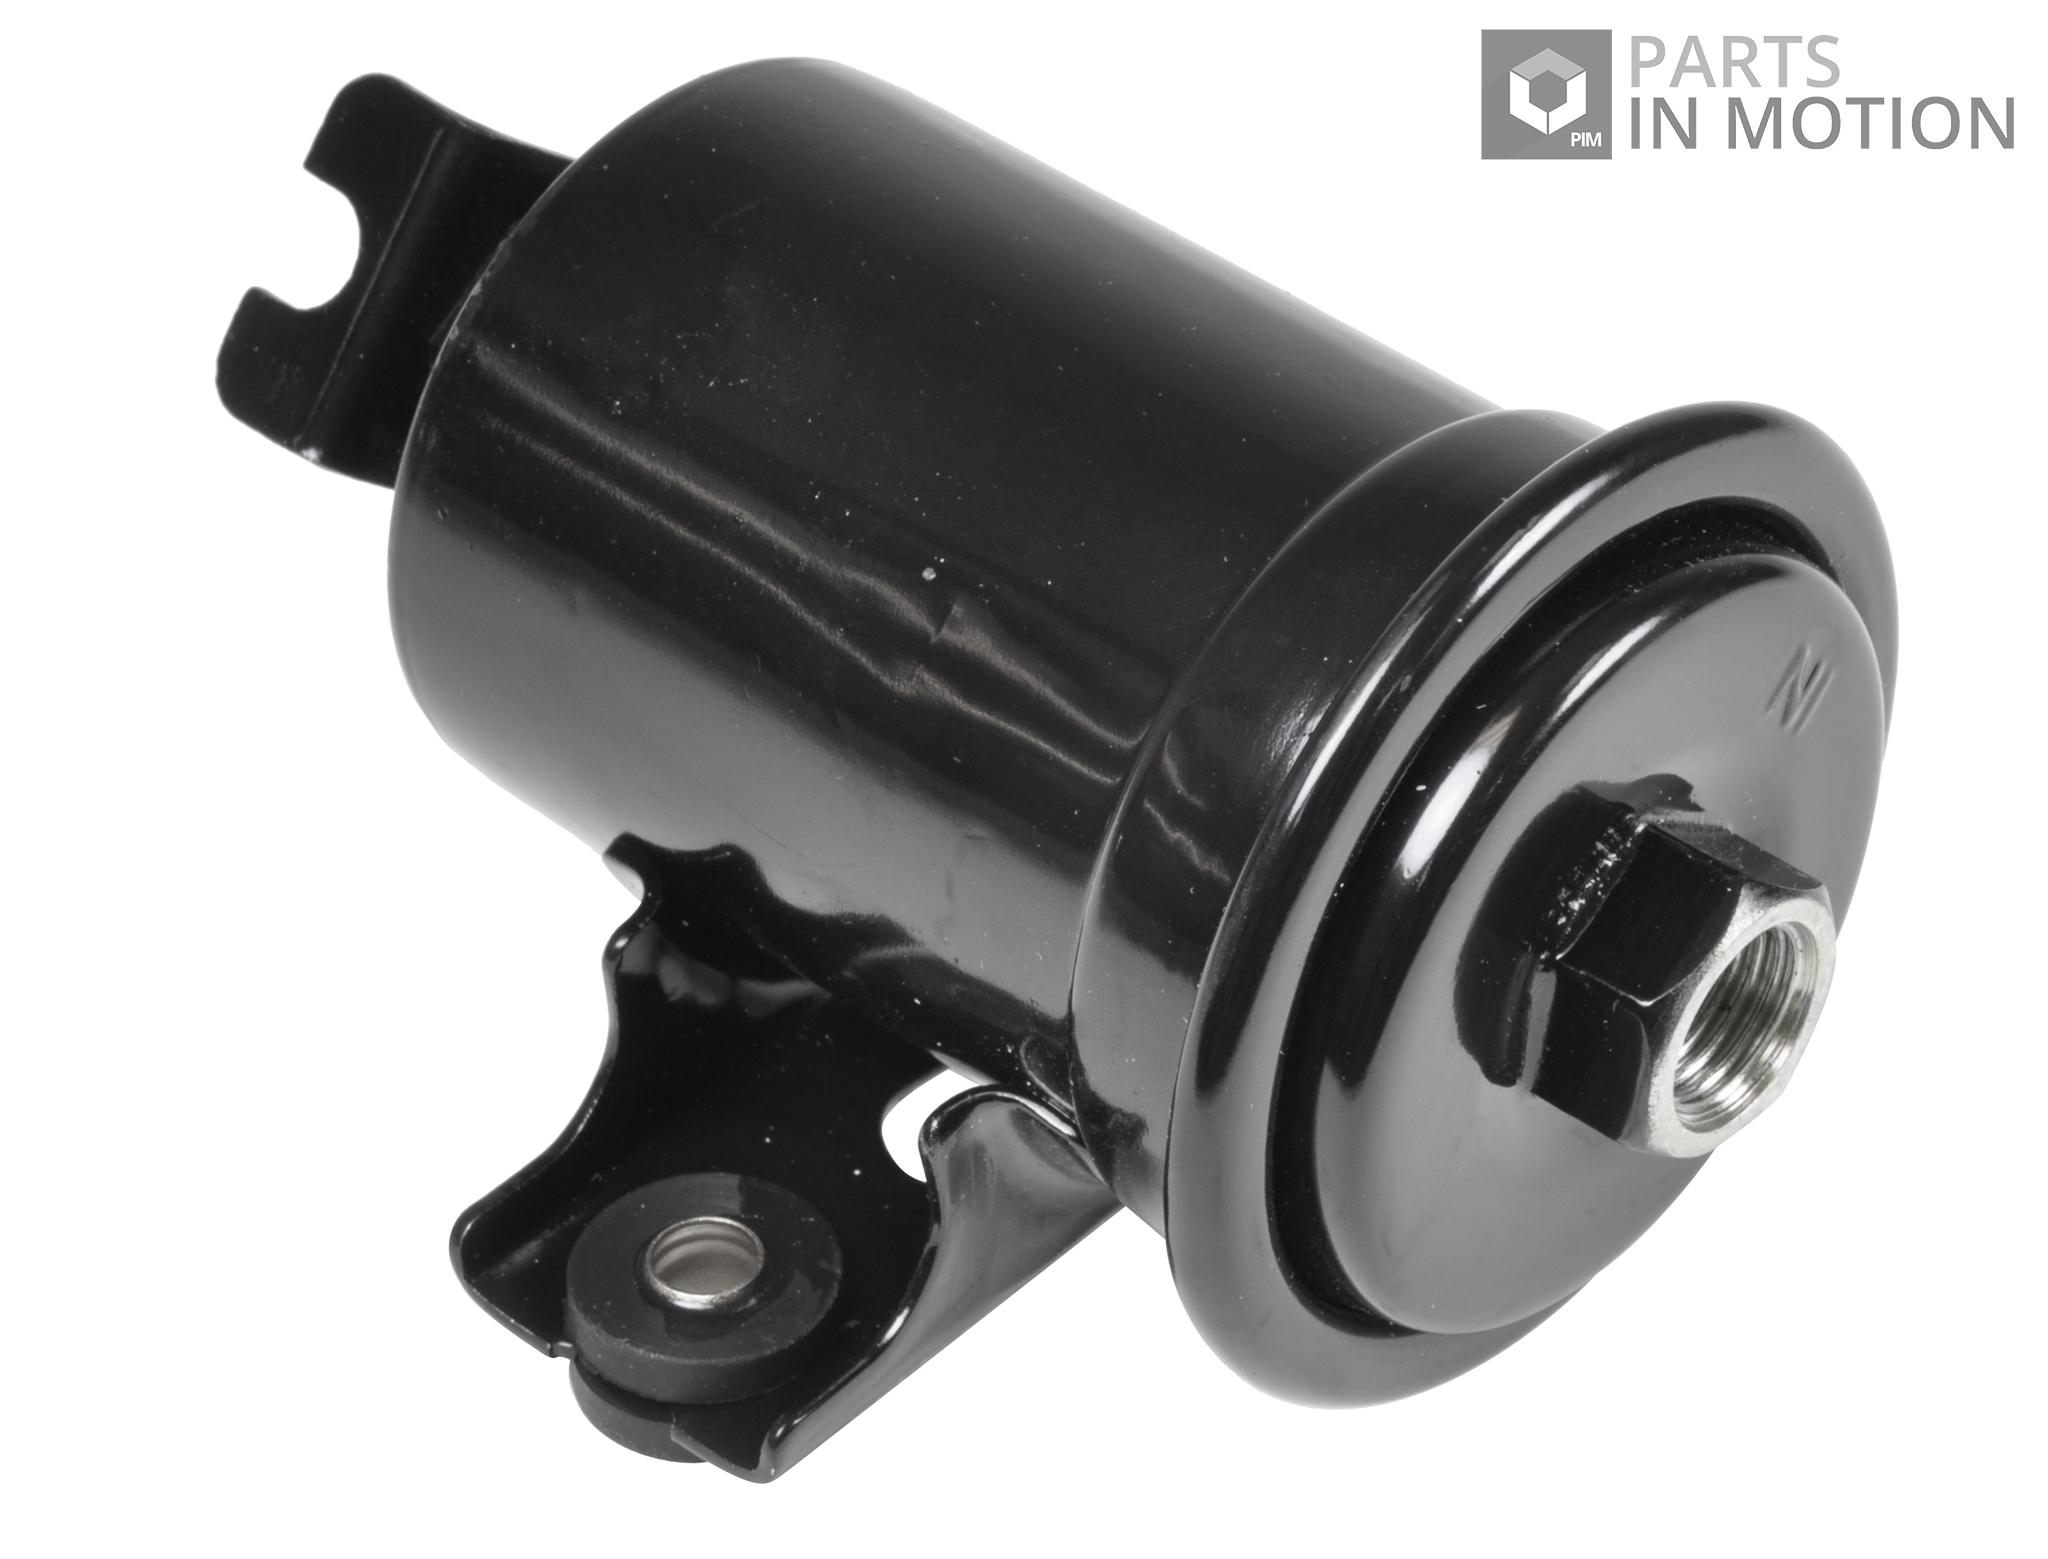 Fuel Filter Fits Toyota Starlet 13 89 To 99 Adl 2330019295 Dodge Sprinter Filters Blue Print Adt32333 3